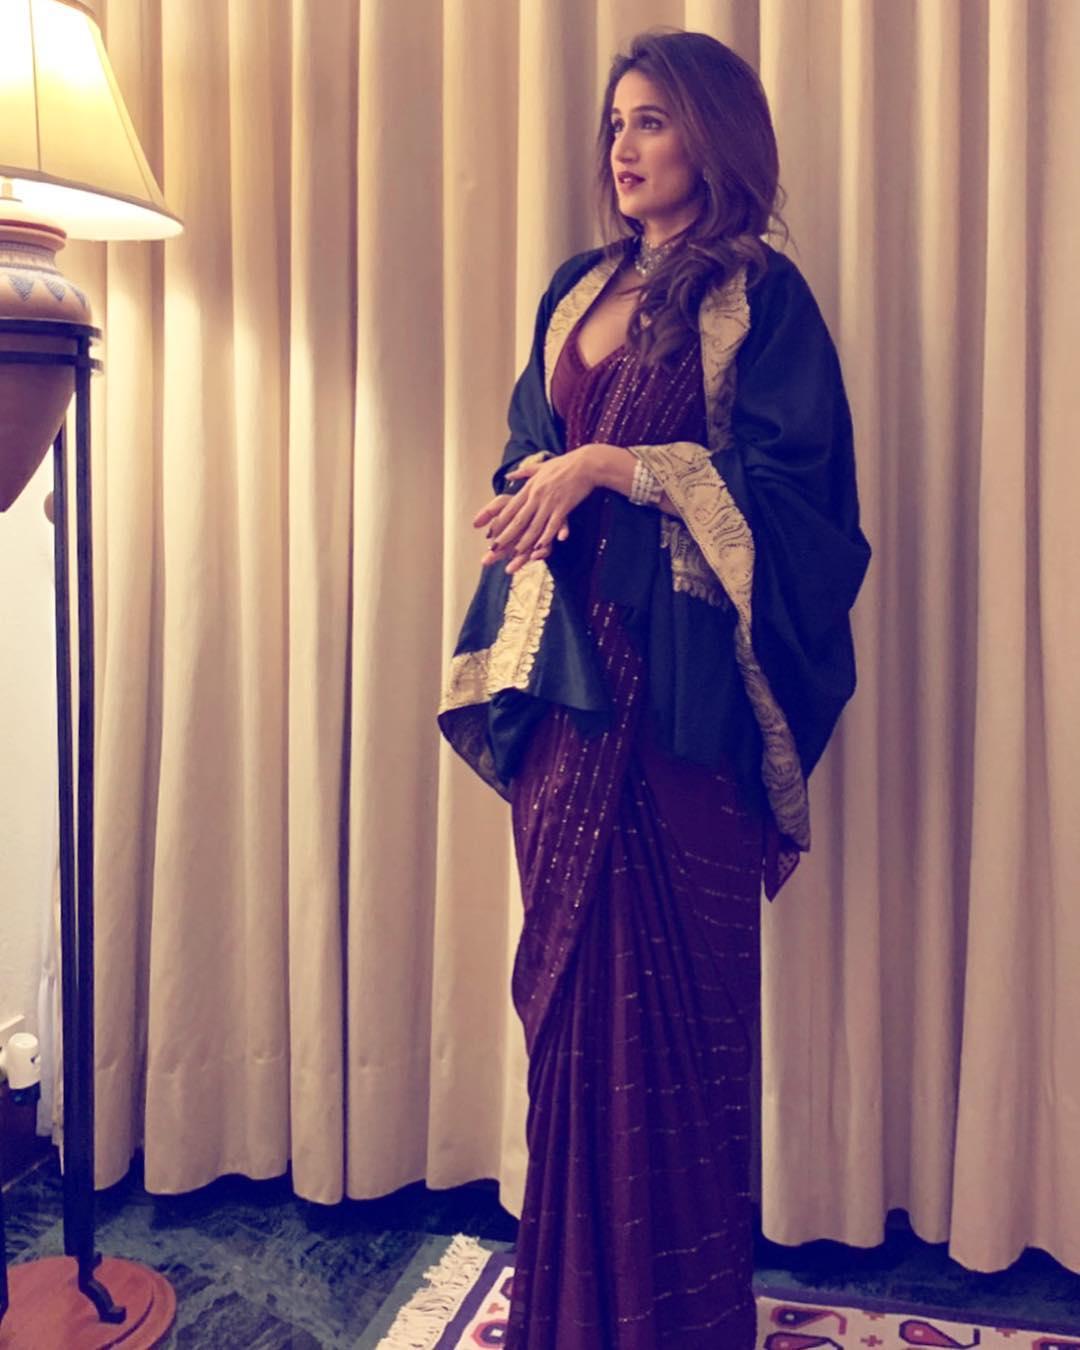 Actress Sagarika Ghatge in black shawl with maroon sari for a wedding